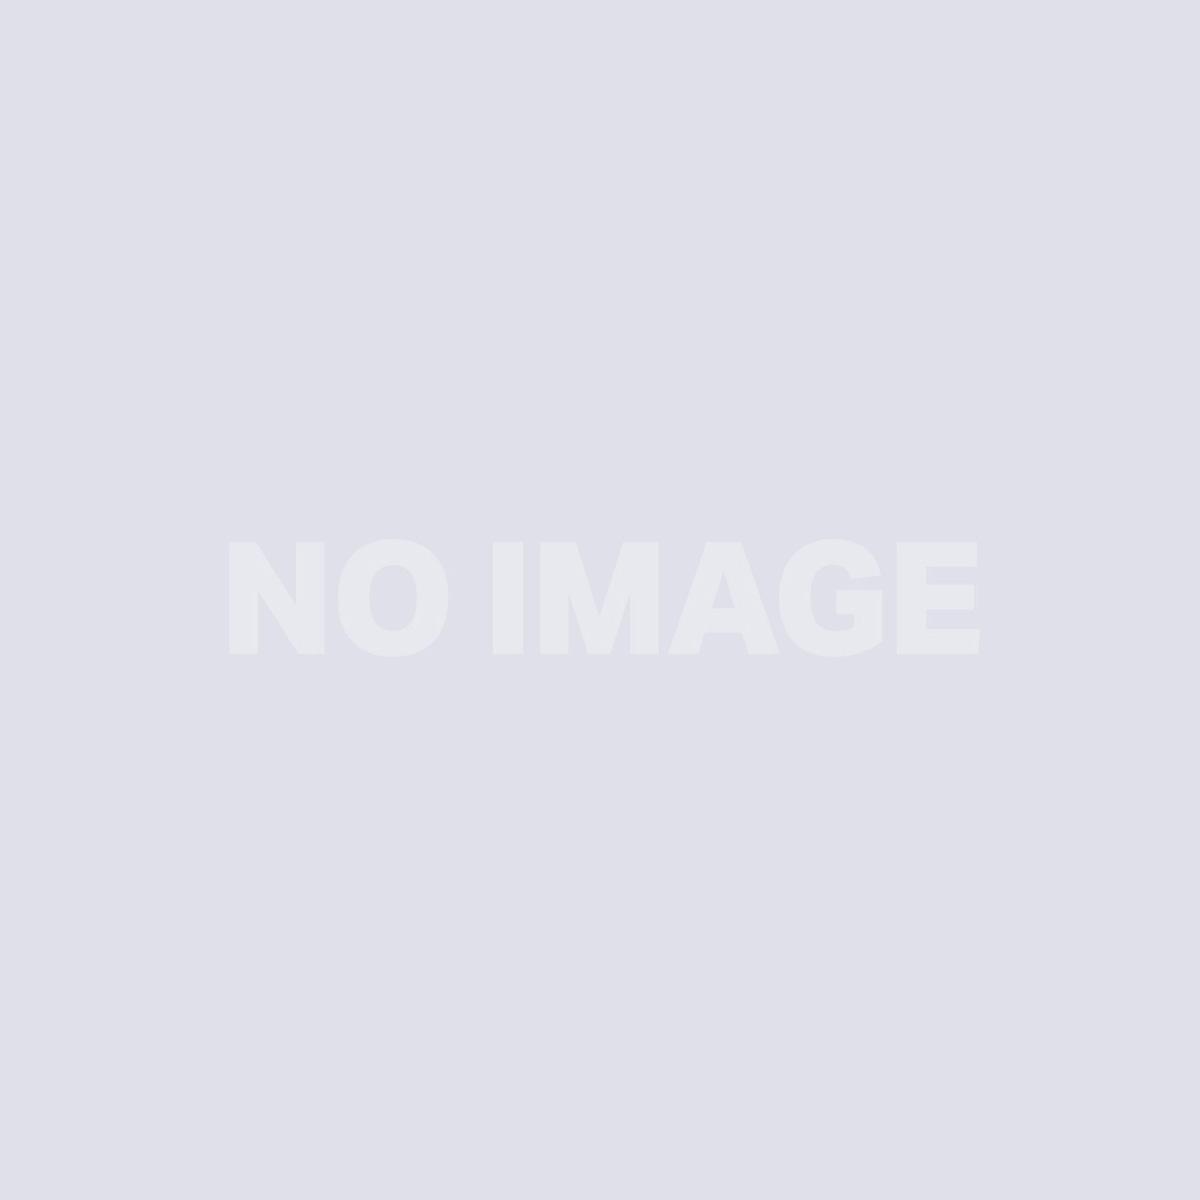 150/42 Nylon Swivel Castor with Ball Bearings and Brake